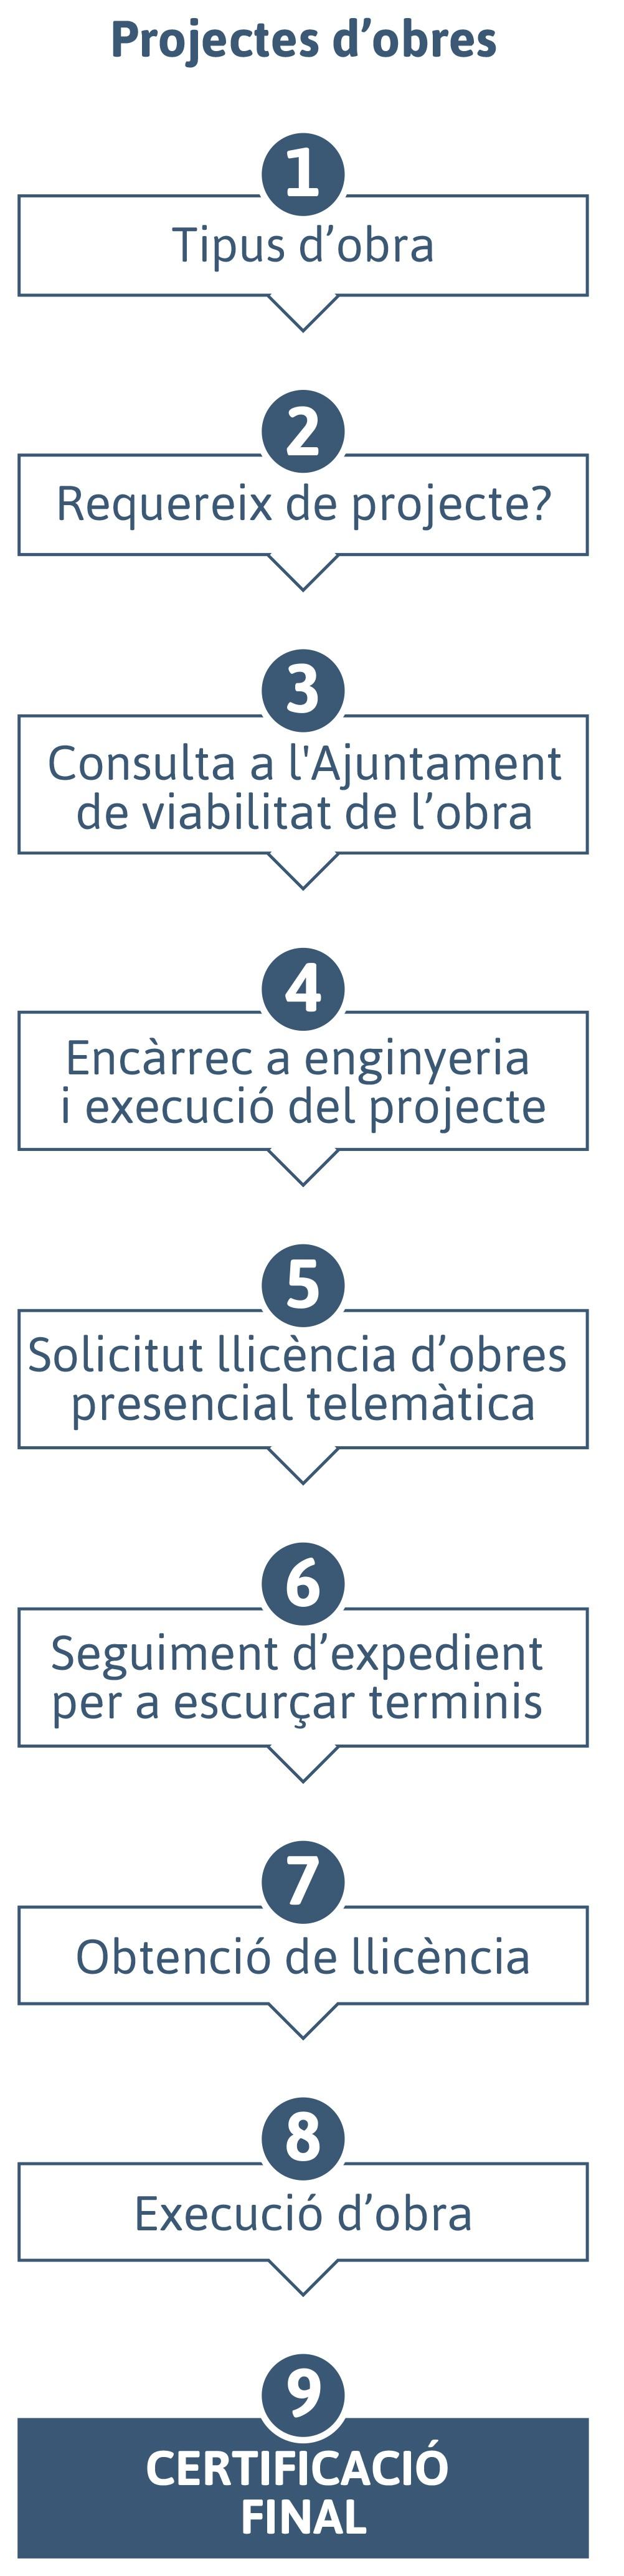 Projectes d'obres